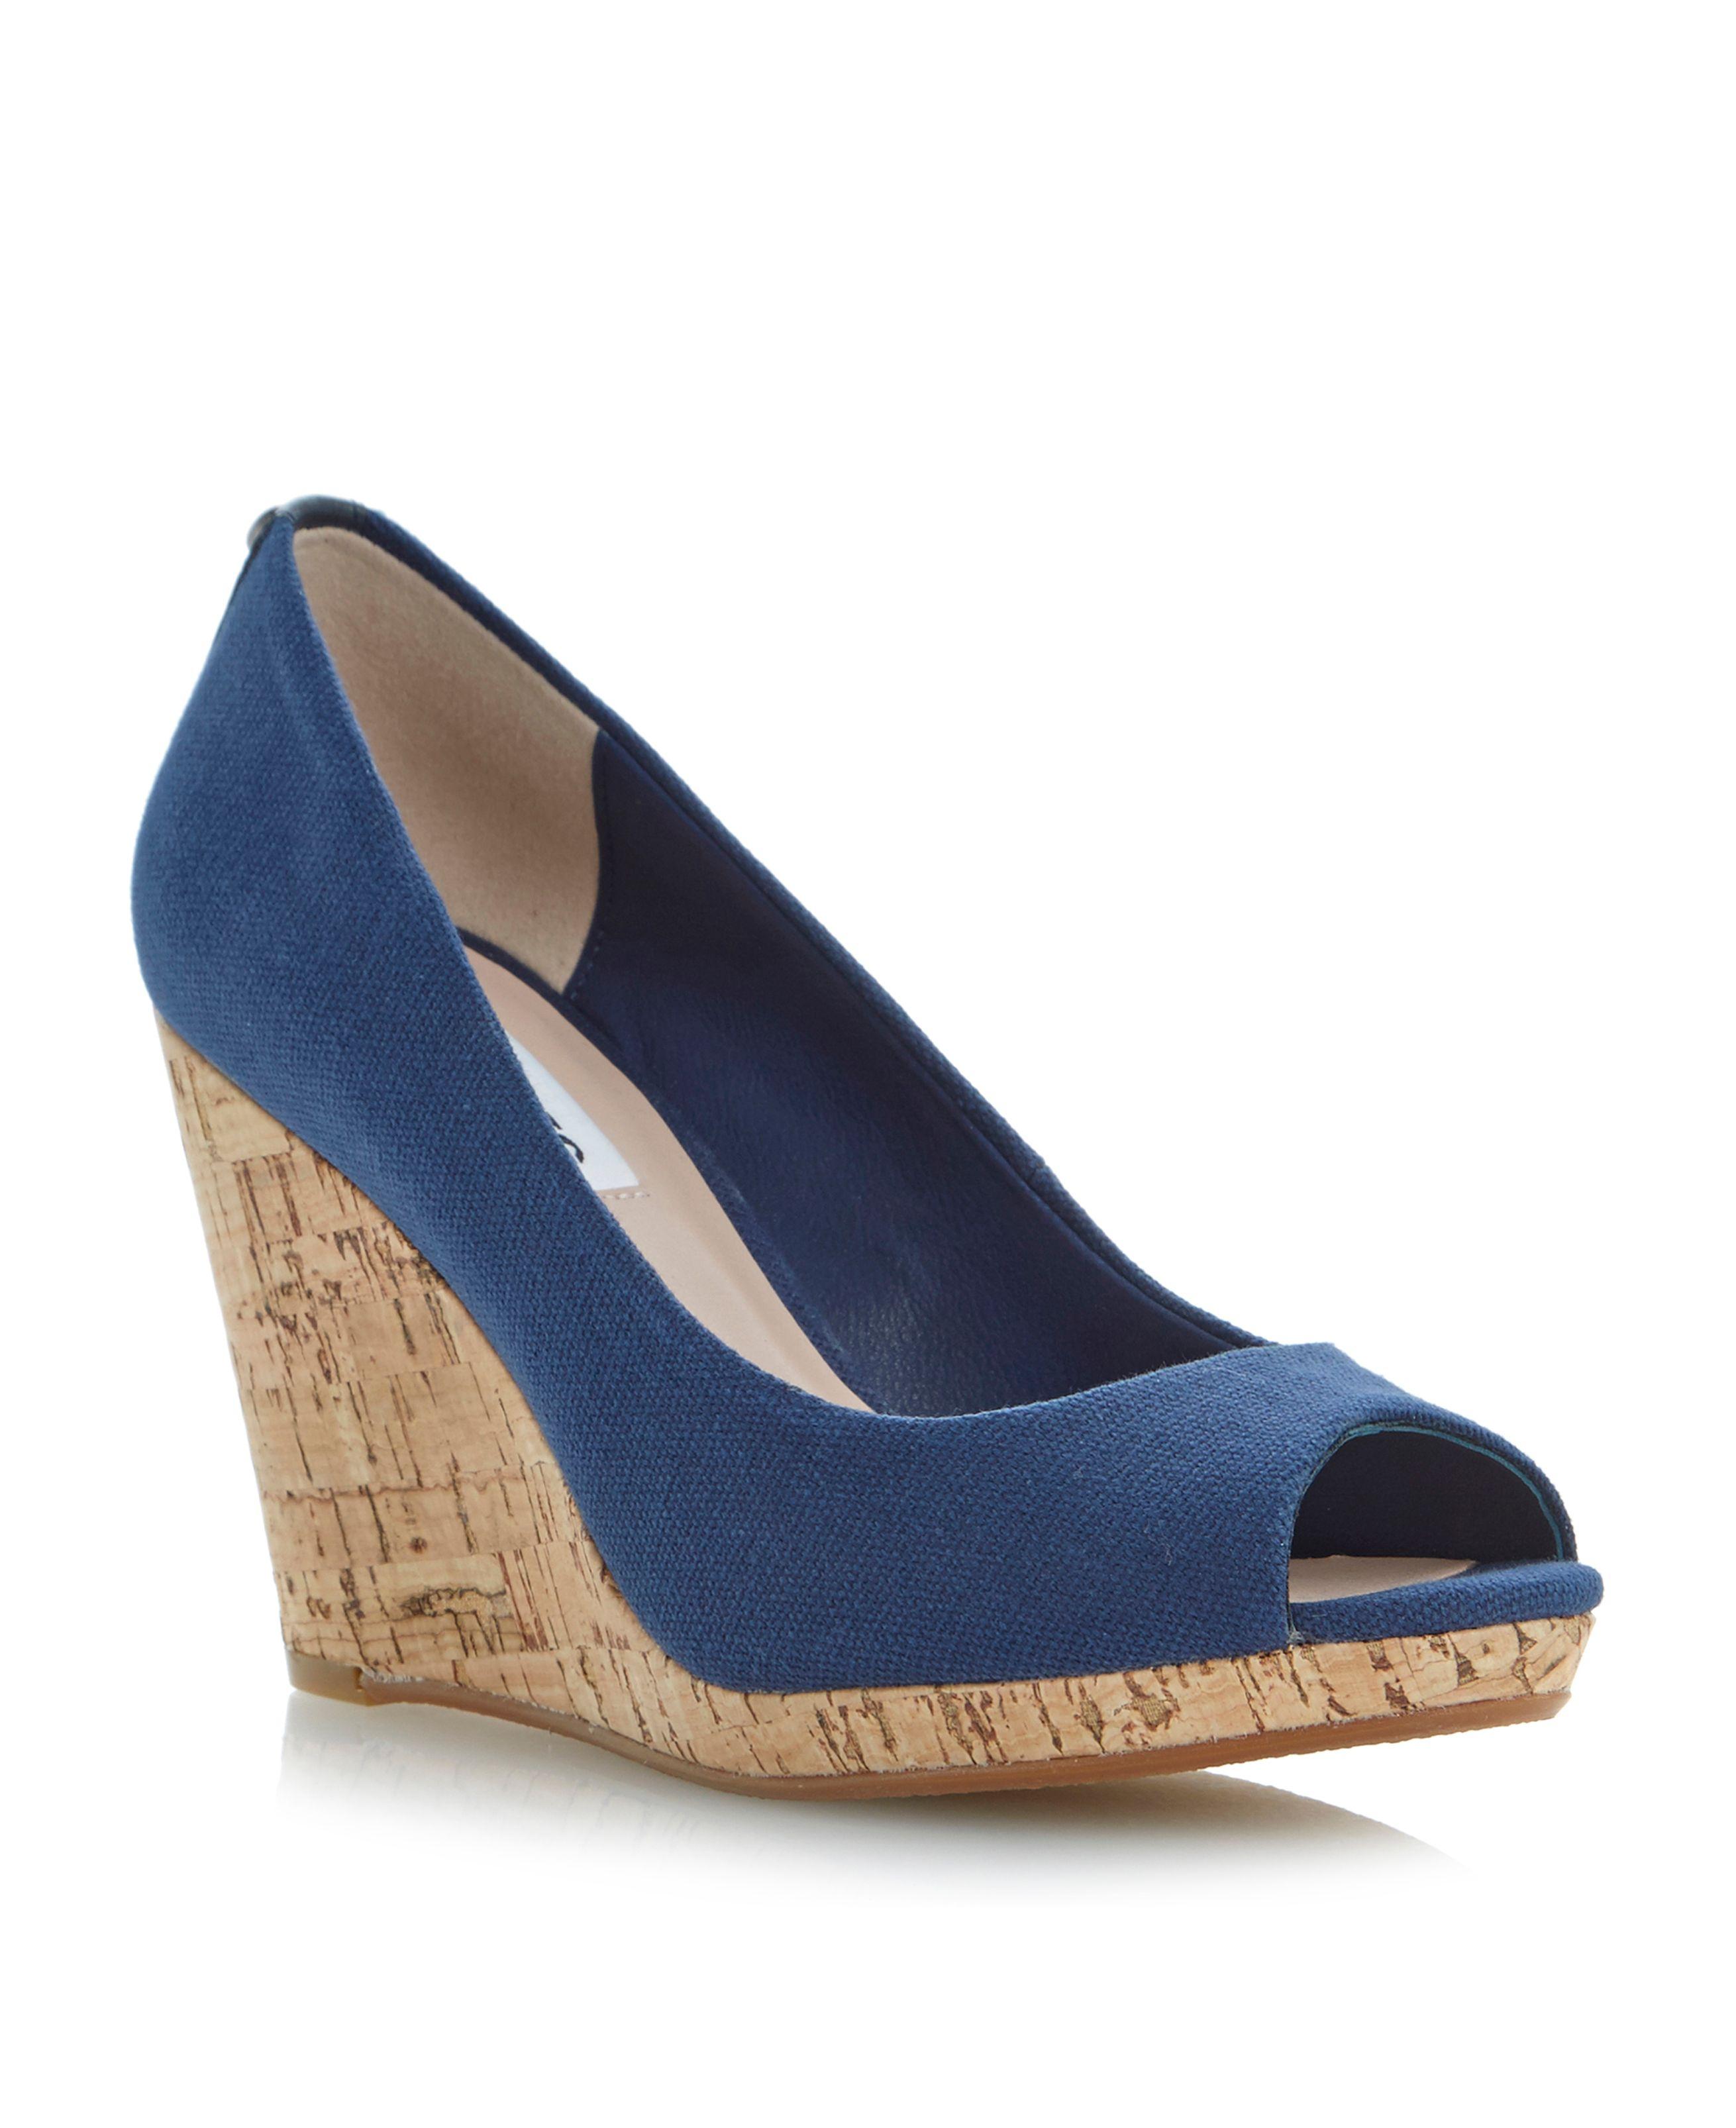 Blue Peeptoe Wedge Shoes